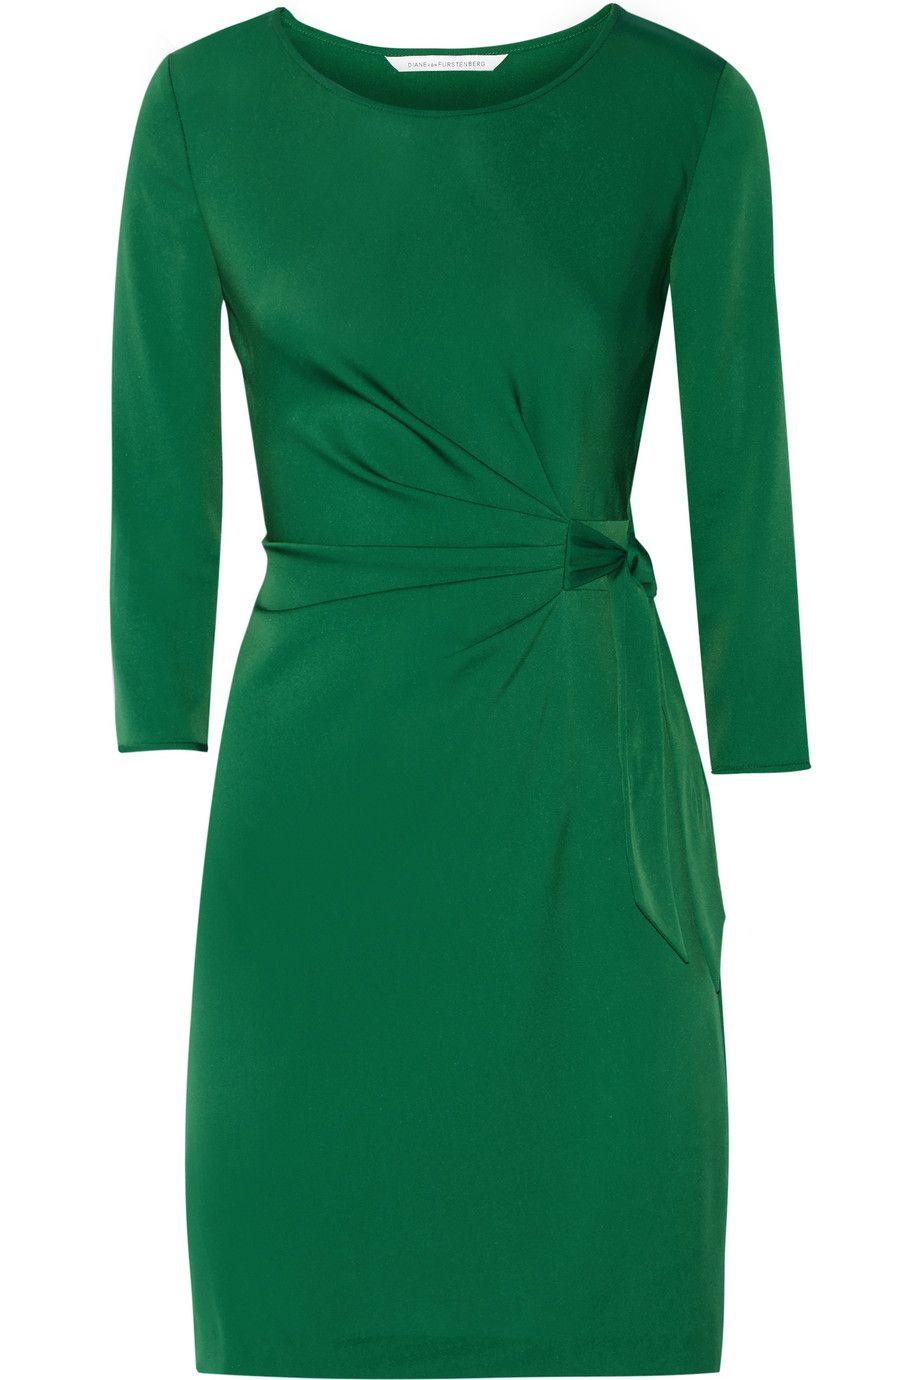 DIANE VON FURSTENBERG Zoe Stretch-Jersey Dress. #dianevonfurstenberg #cloth #dress